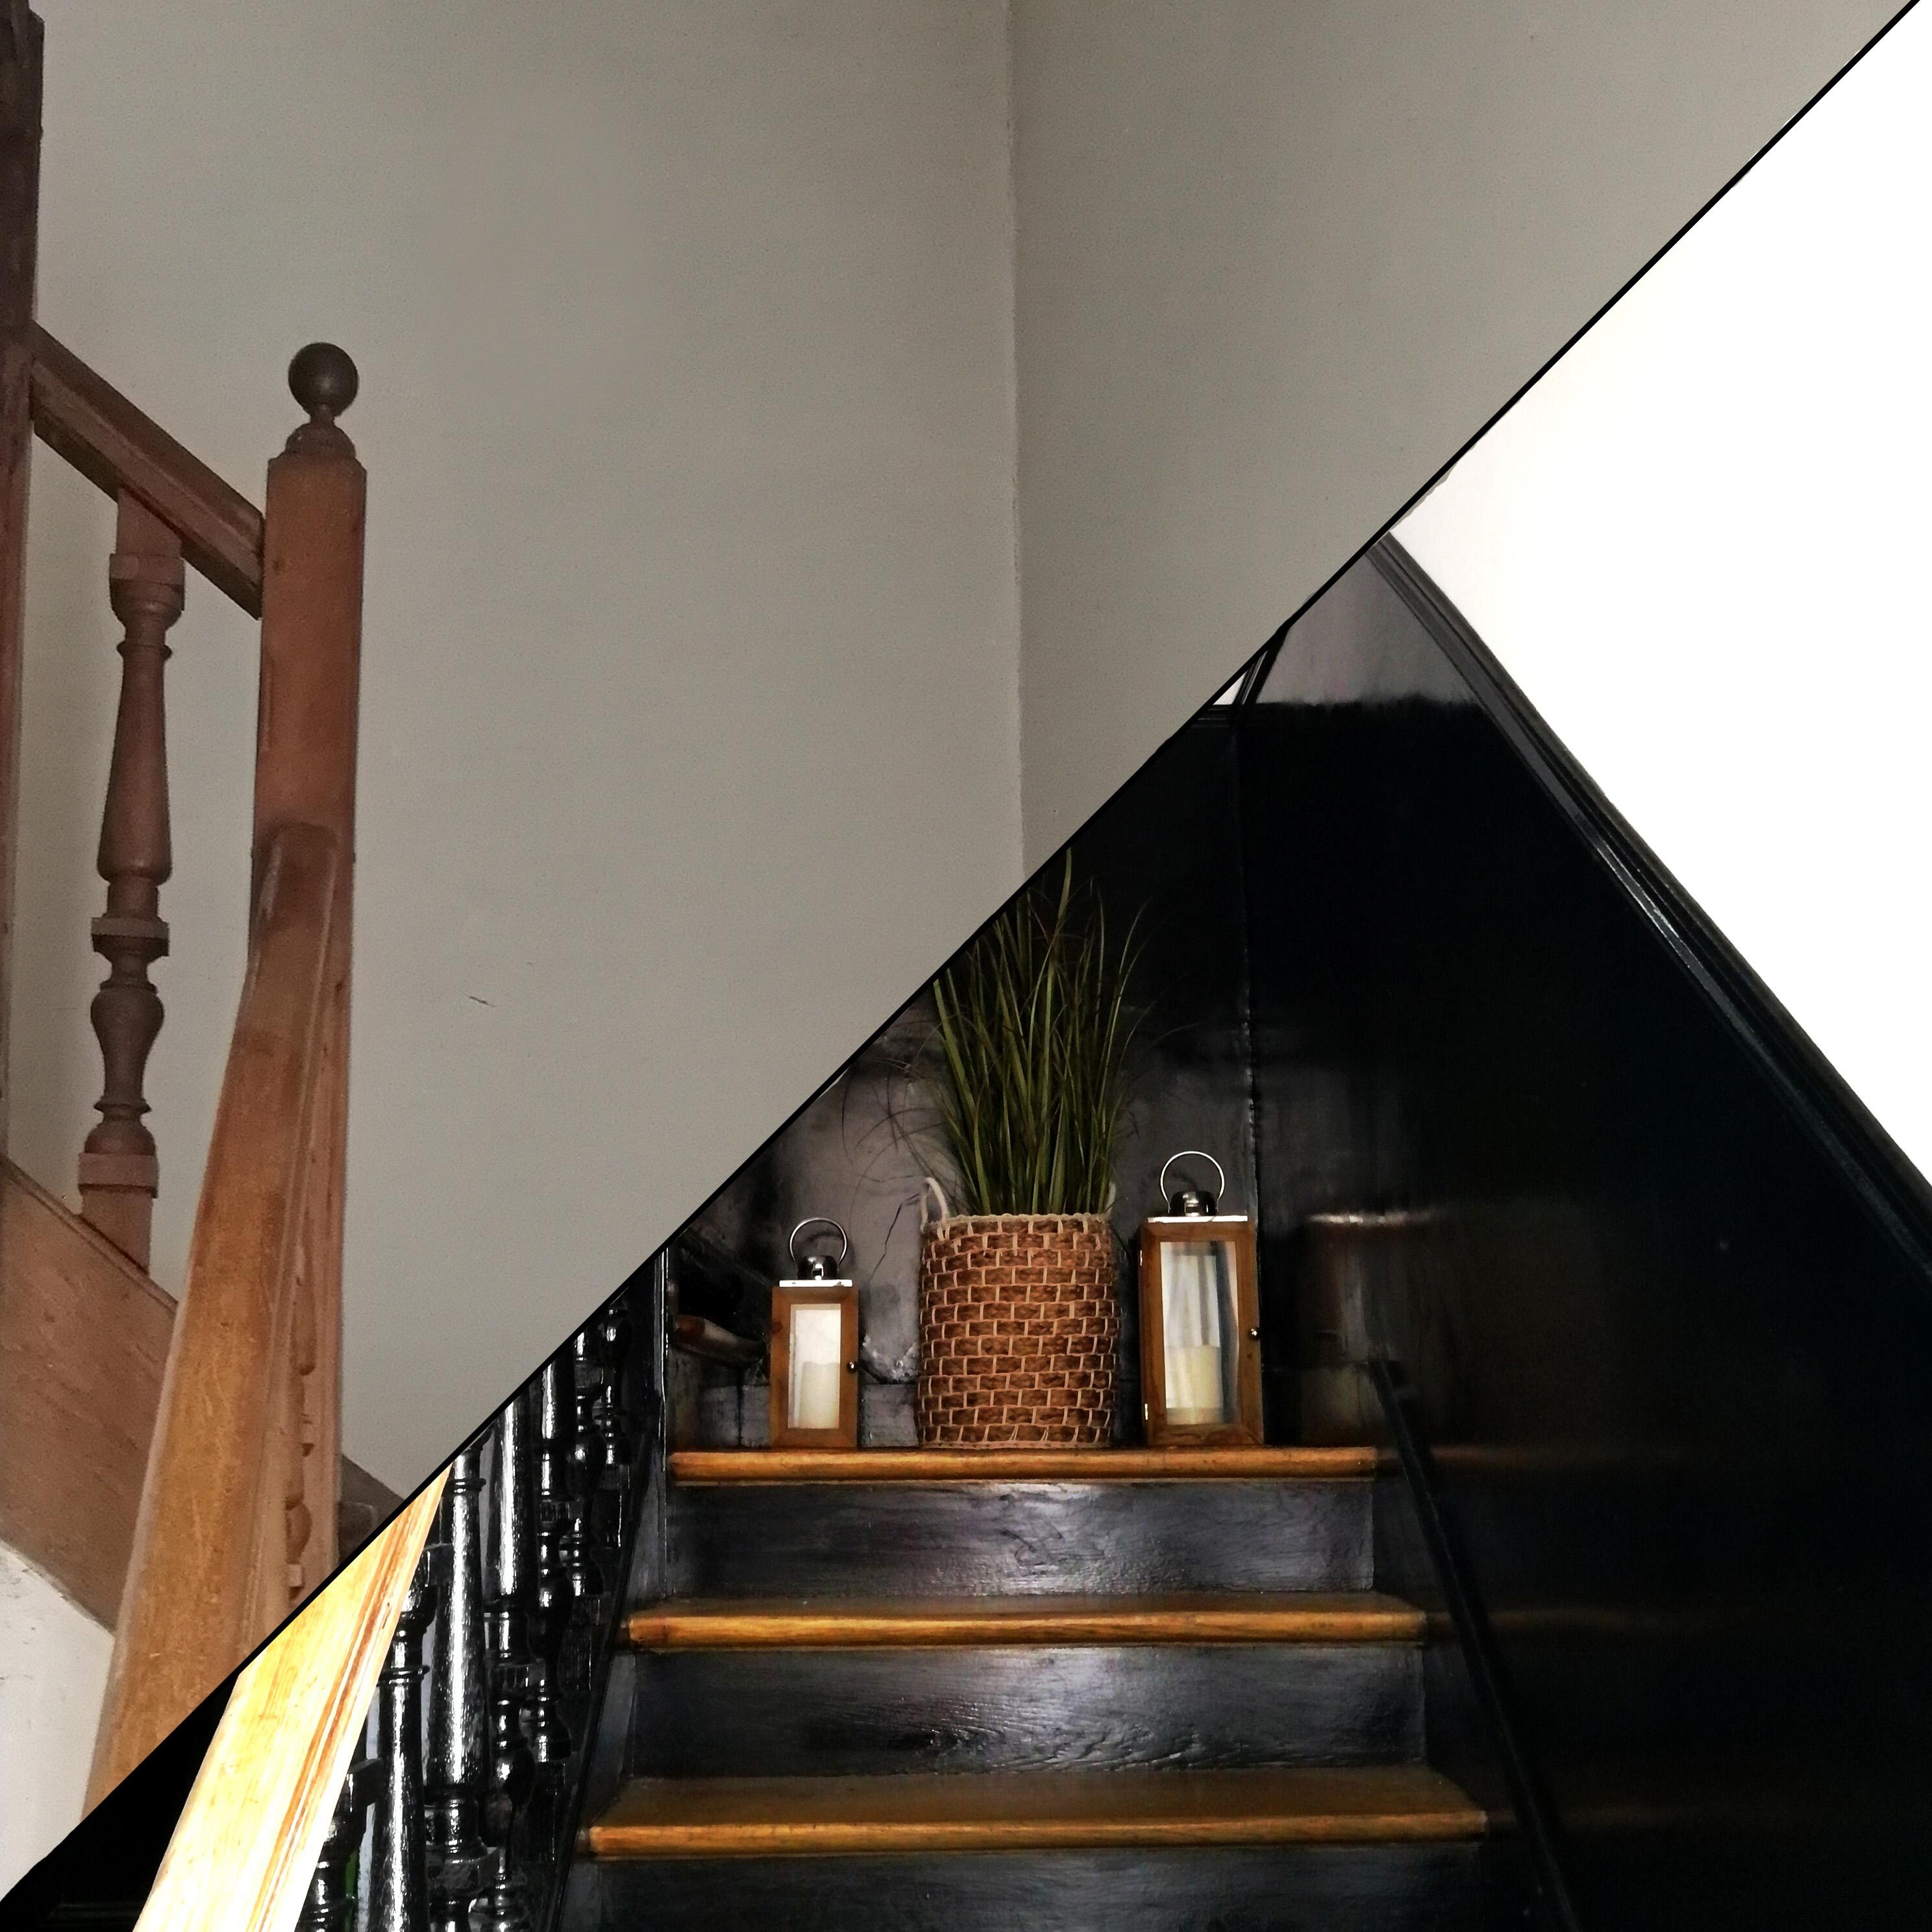 Déco Escalier Archives - Missglamazone | Missglamazone